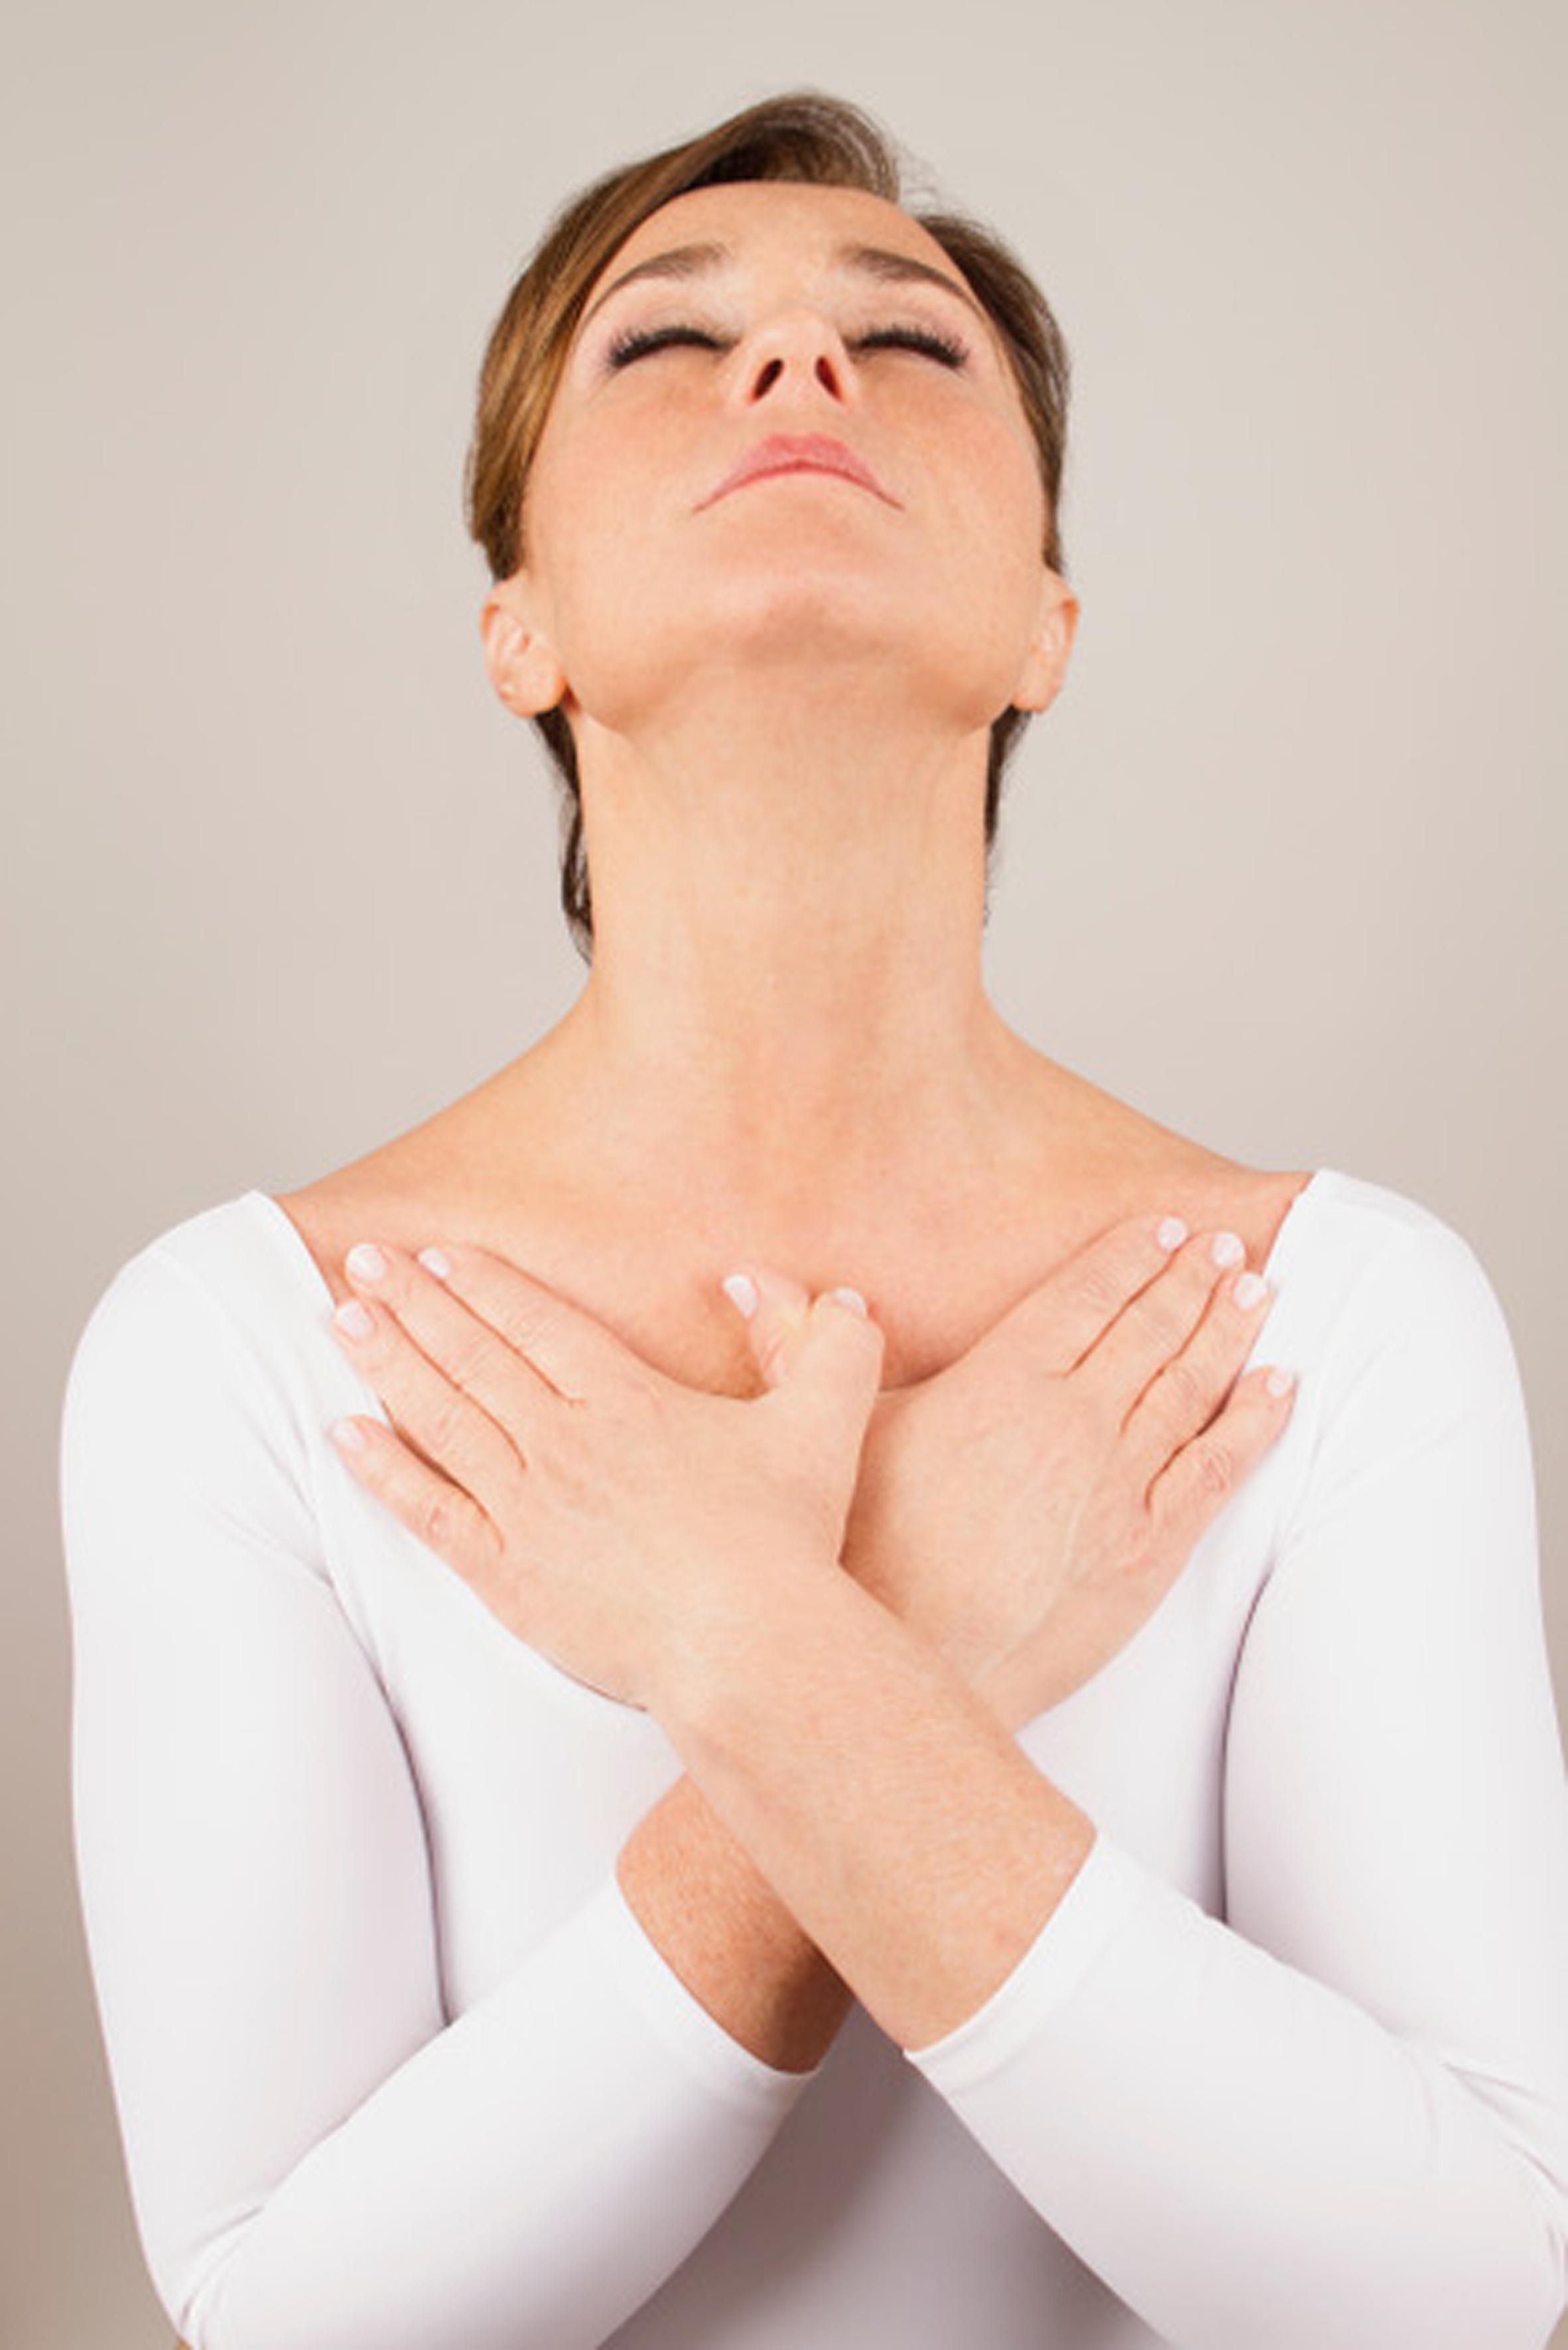 El fitness facial y el yoga se imponen para tensar los músculos del rostro.